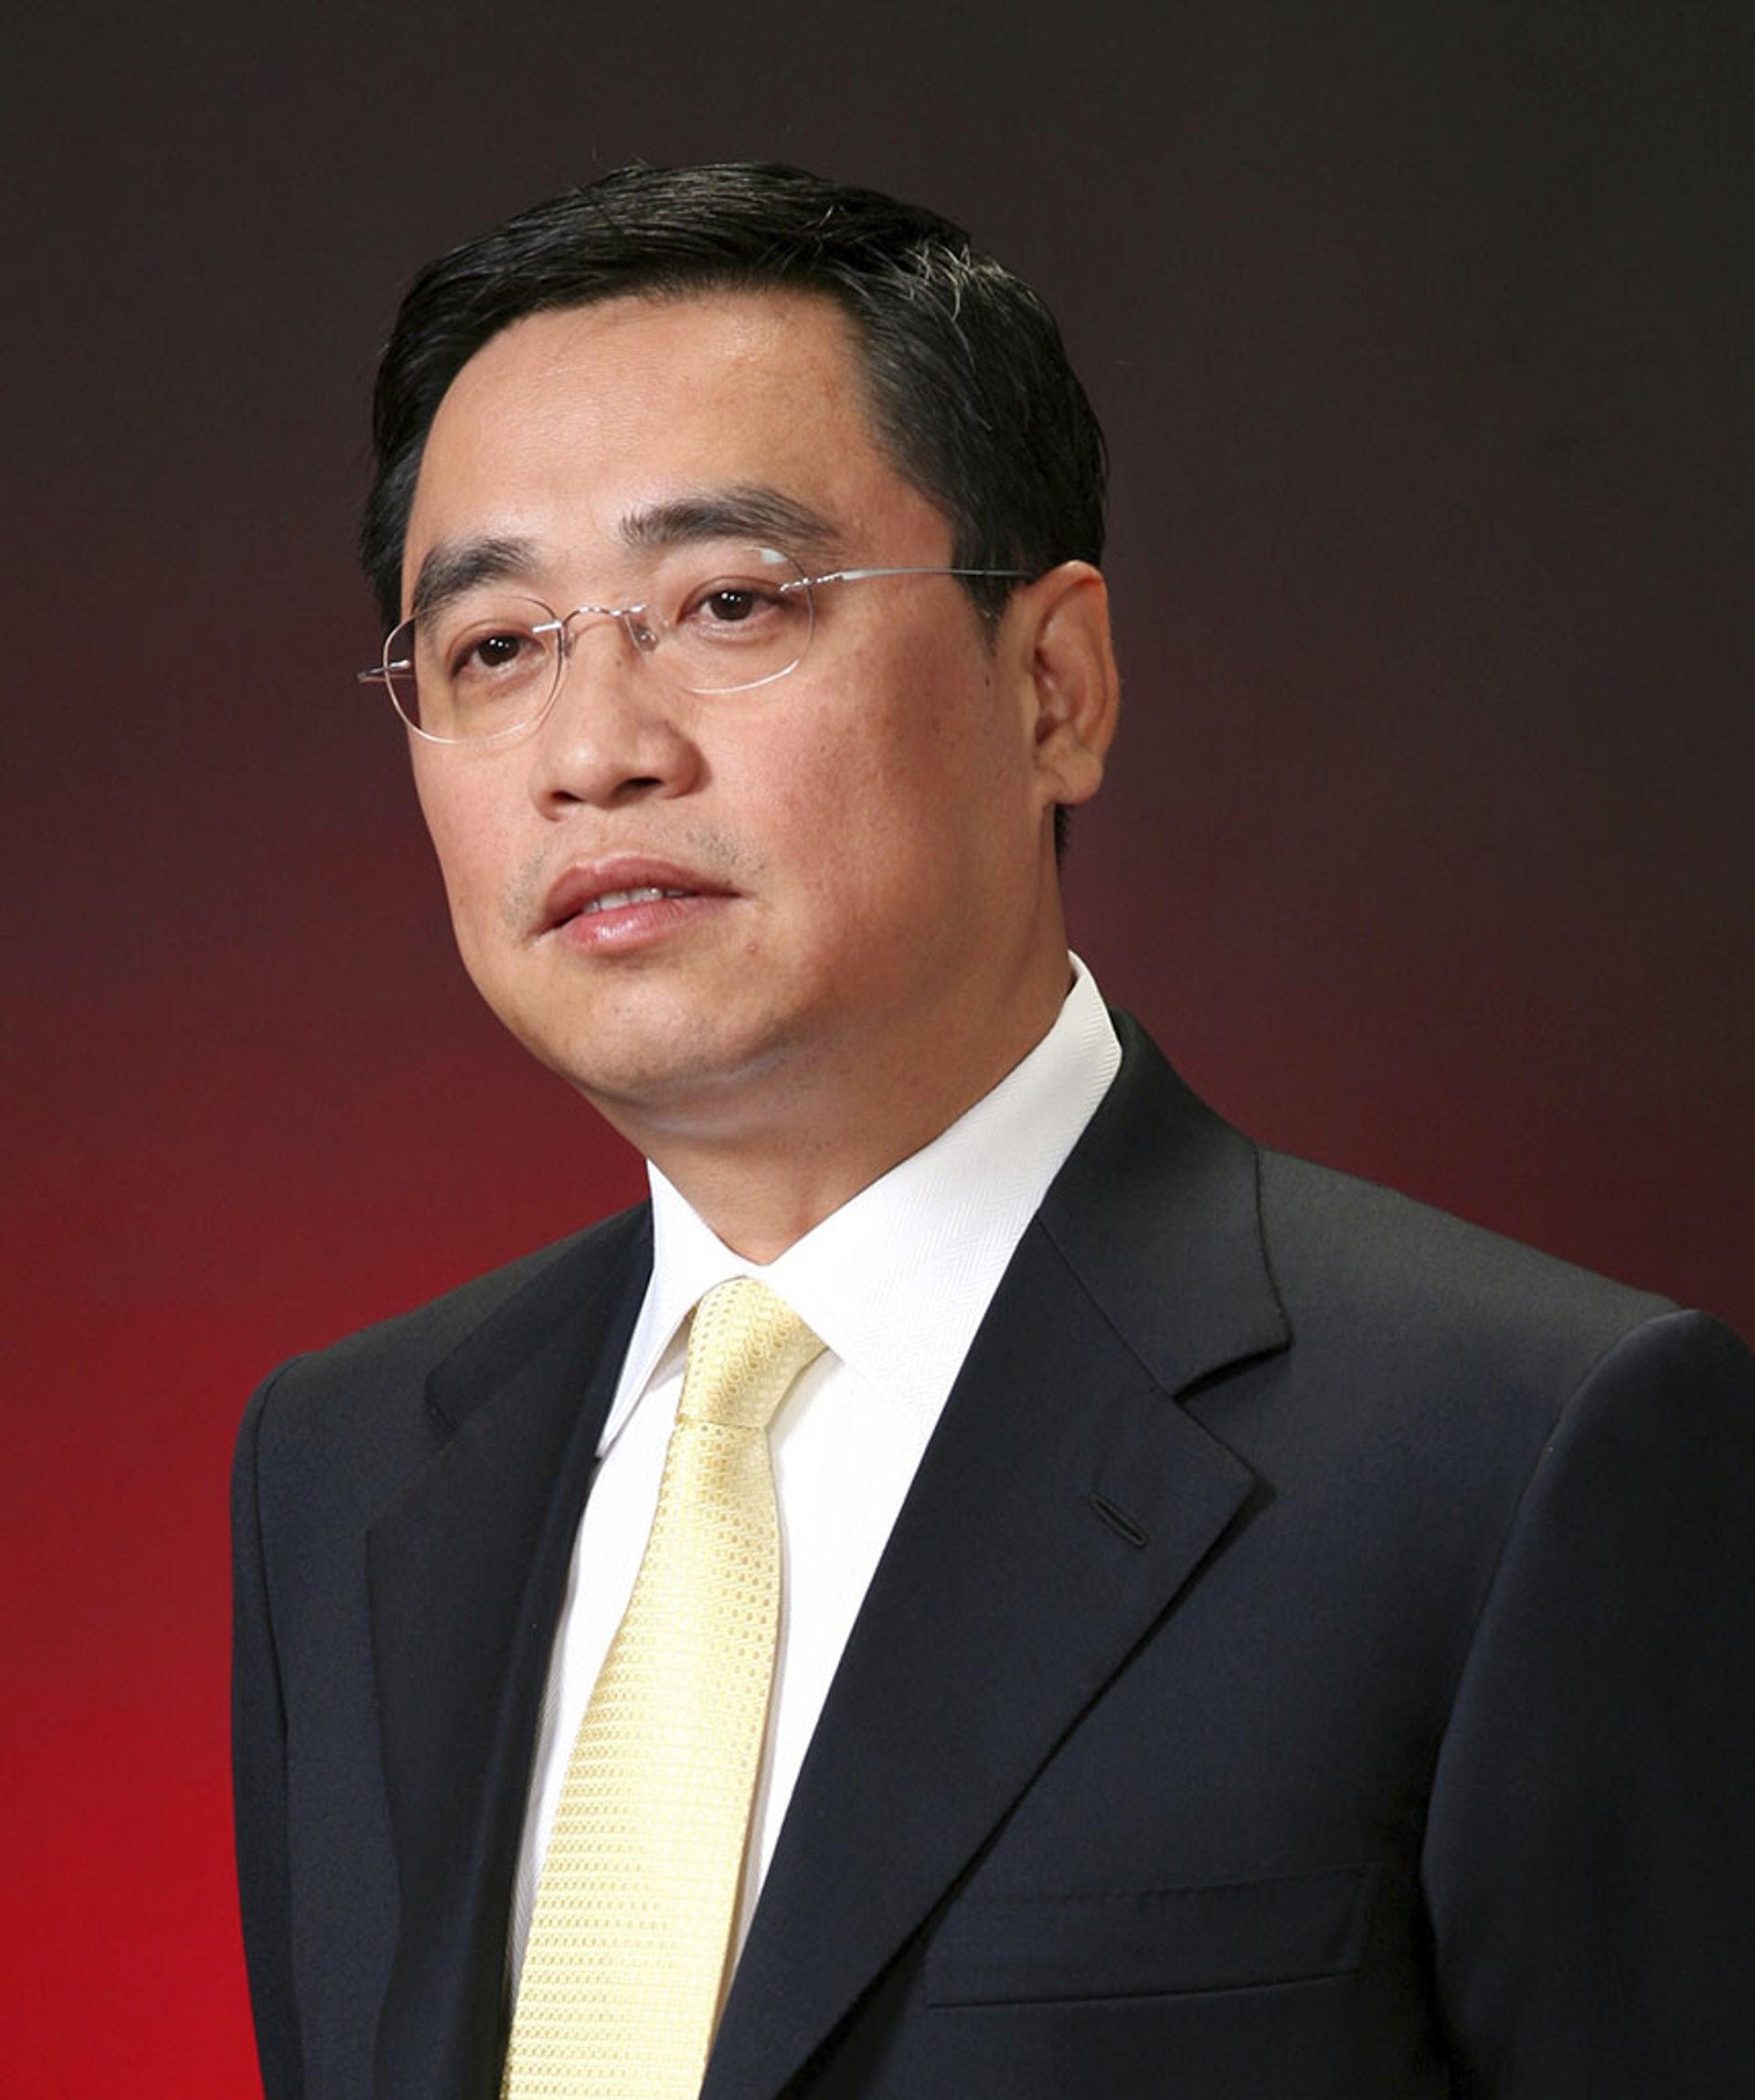 海航�合���k人、董事�L王健在法��意外身亡,震�@各界。(美�社)